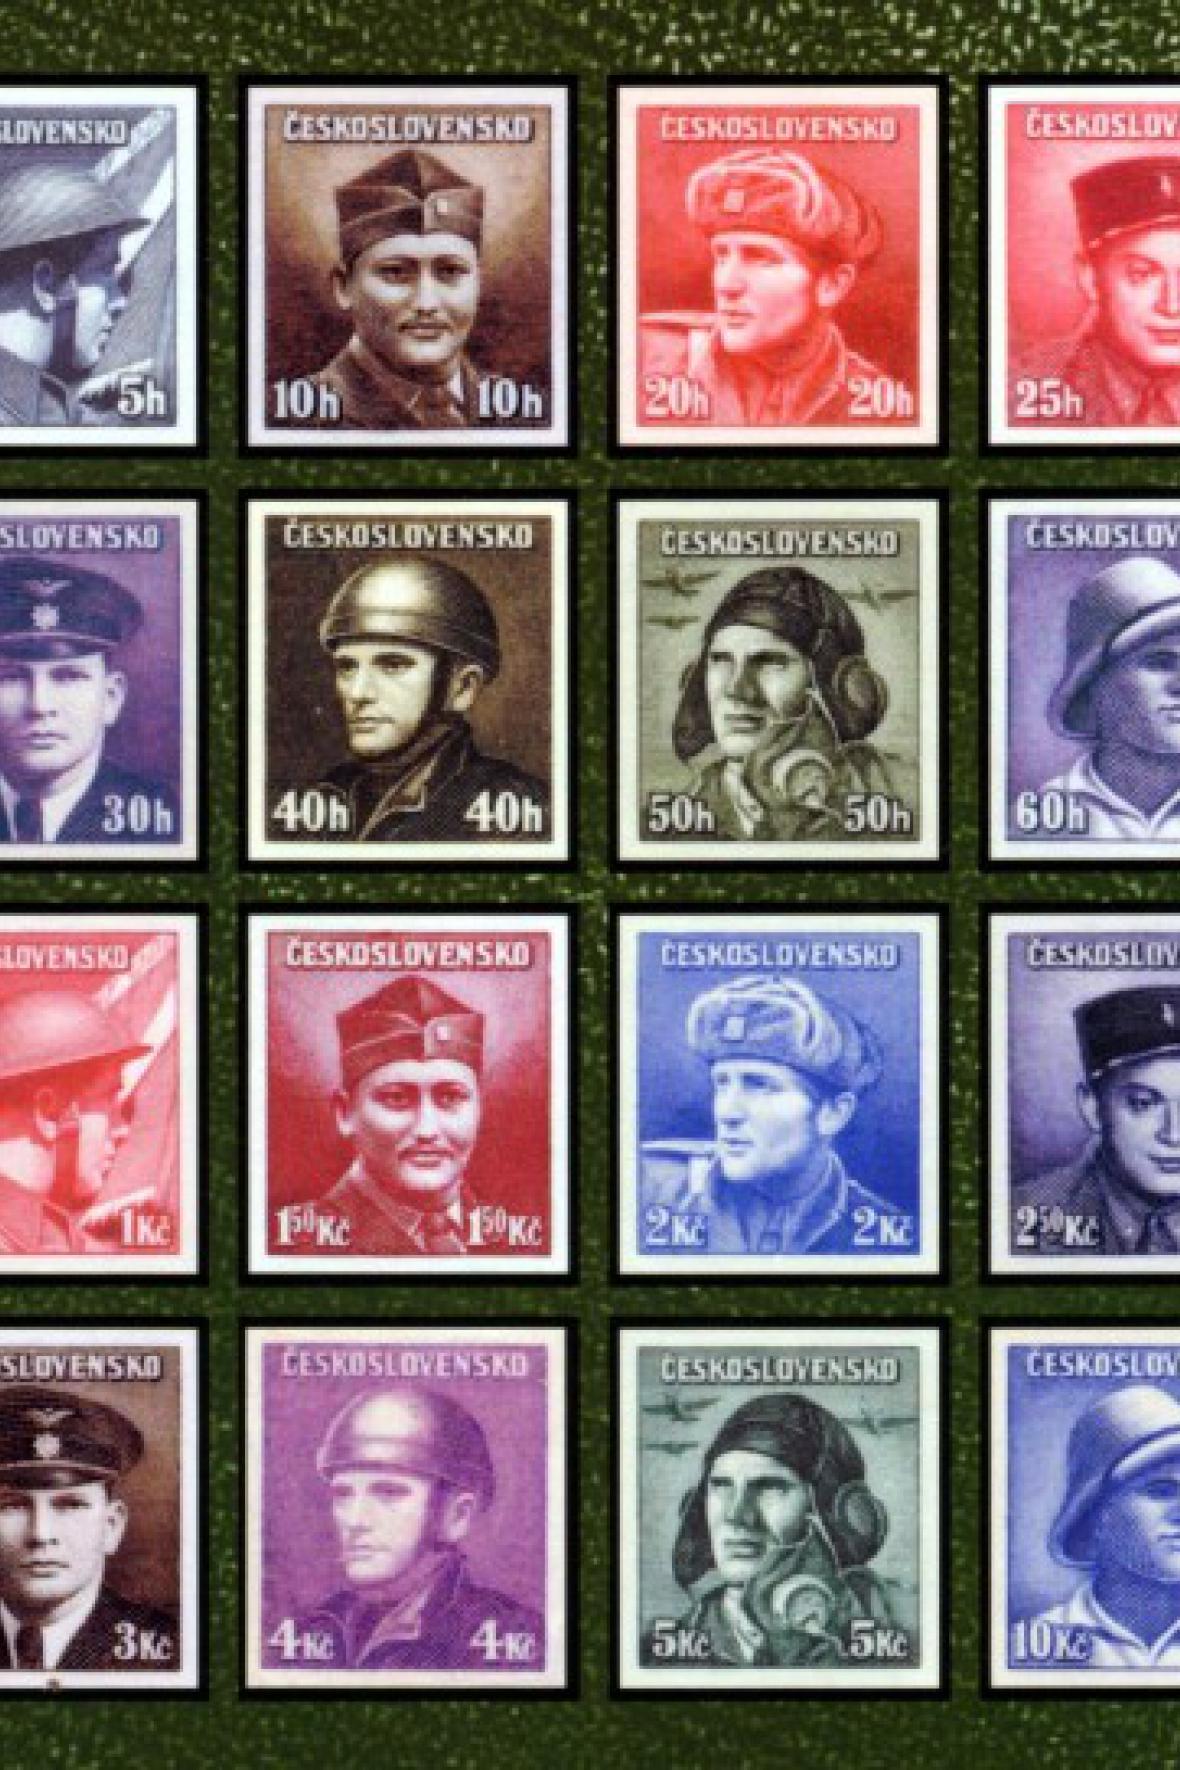 Emise známek s portréty československých vojáků